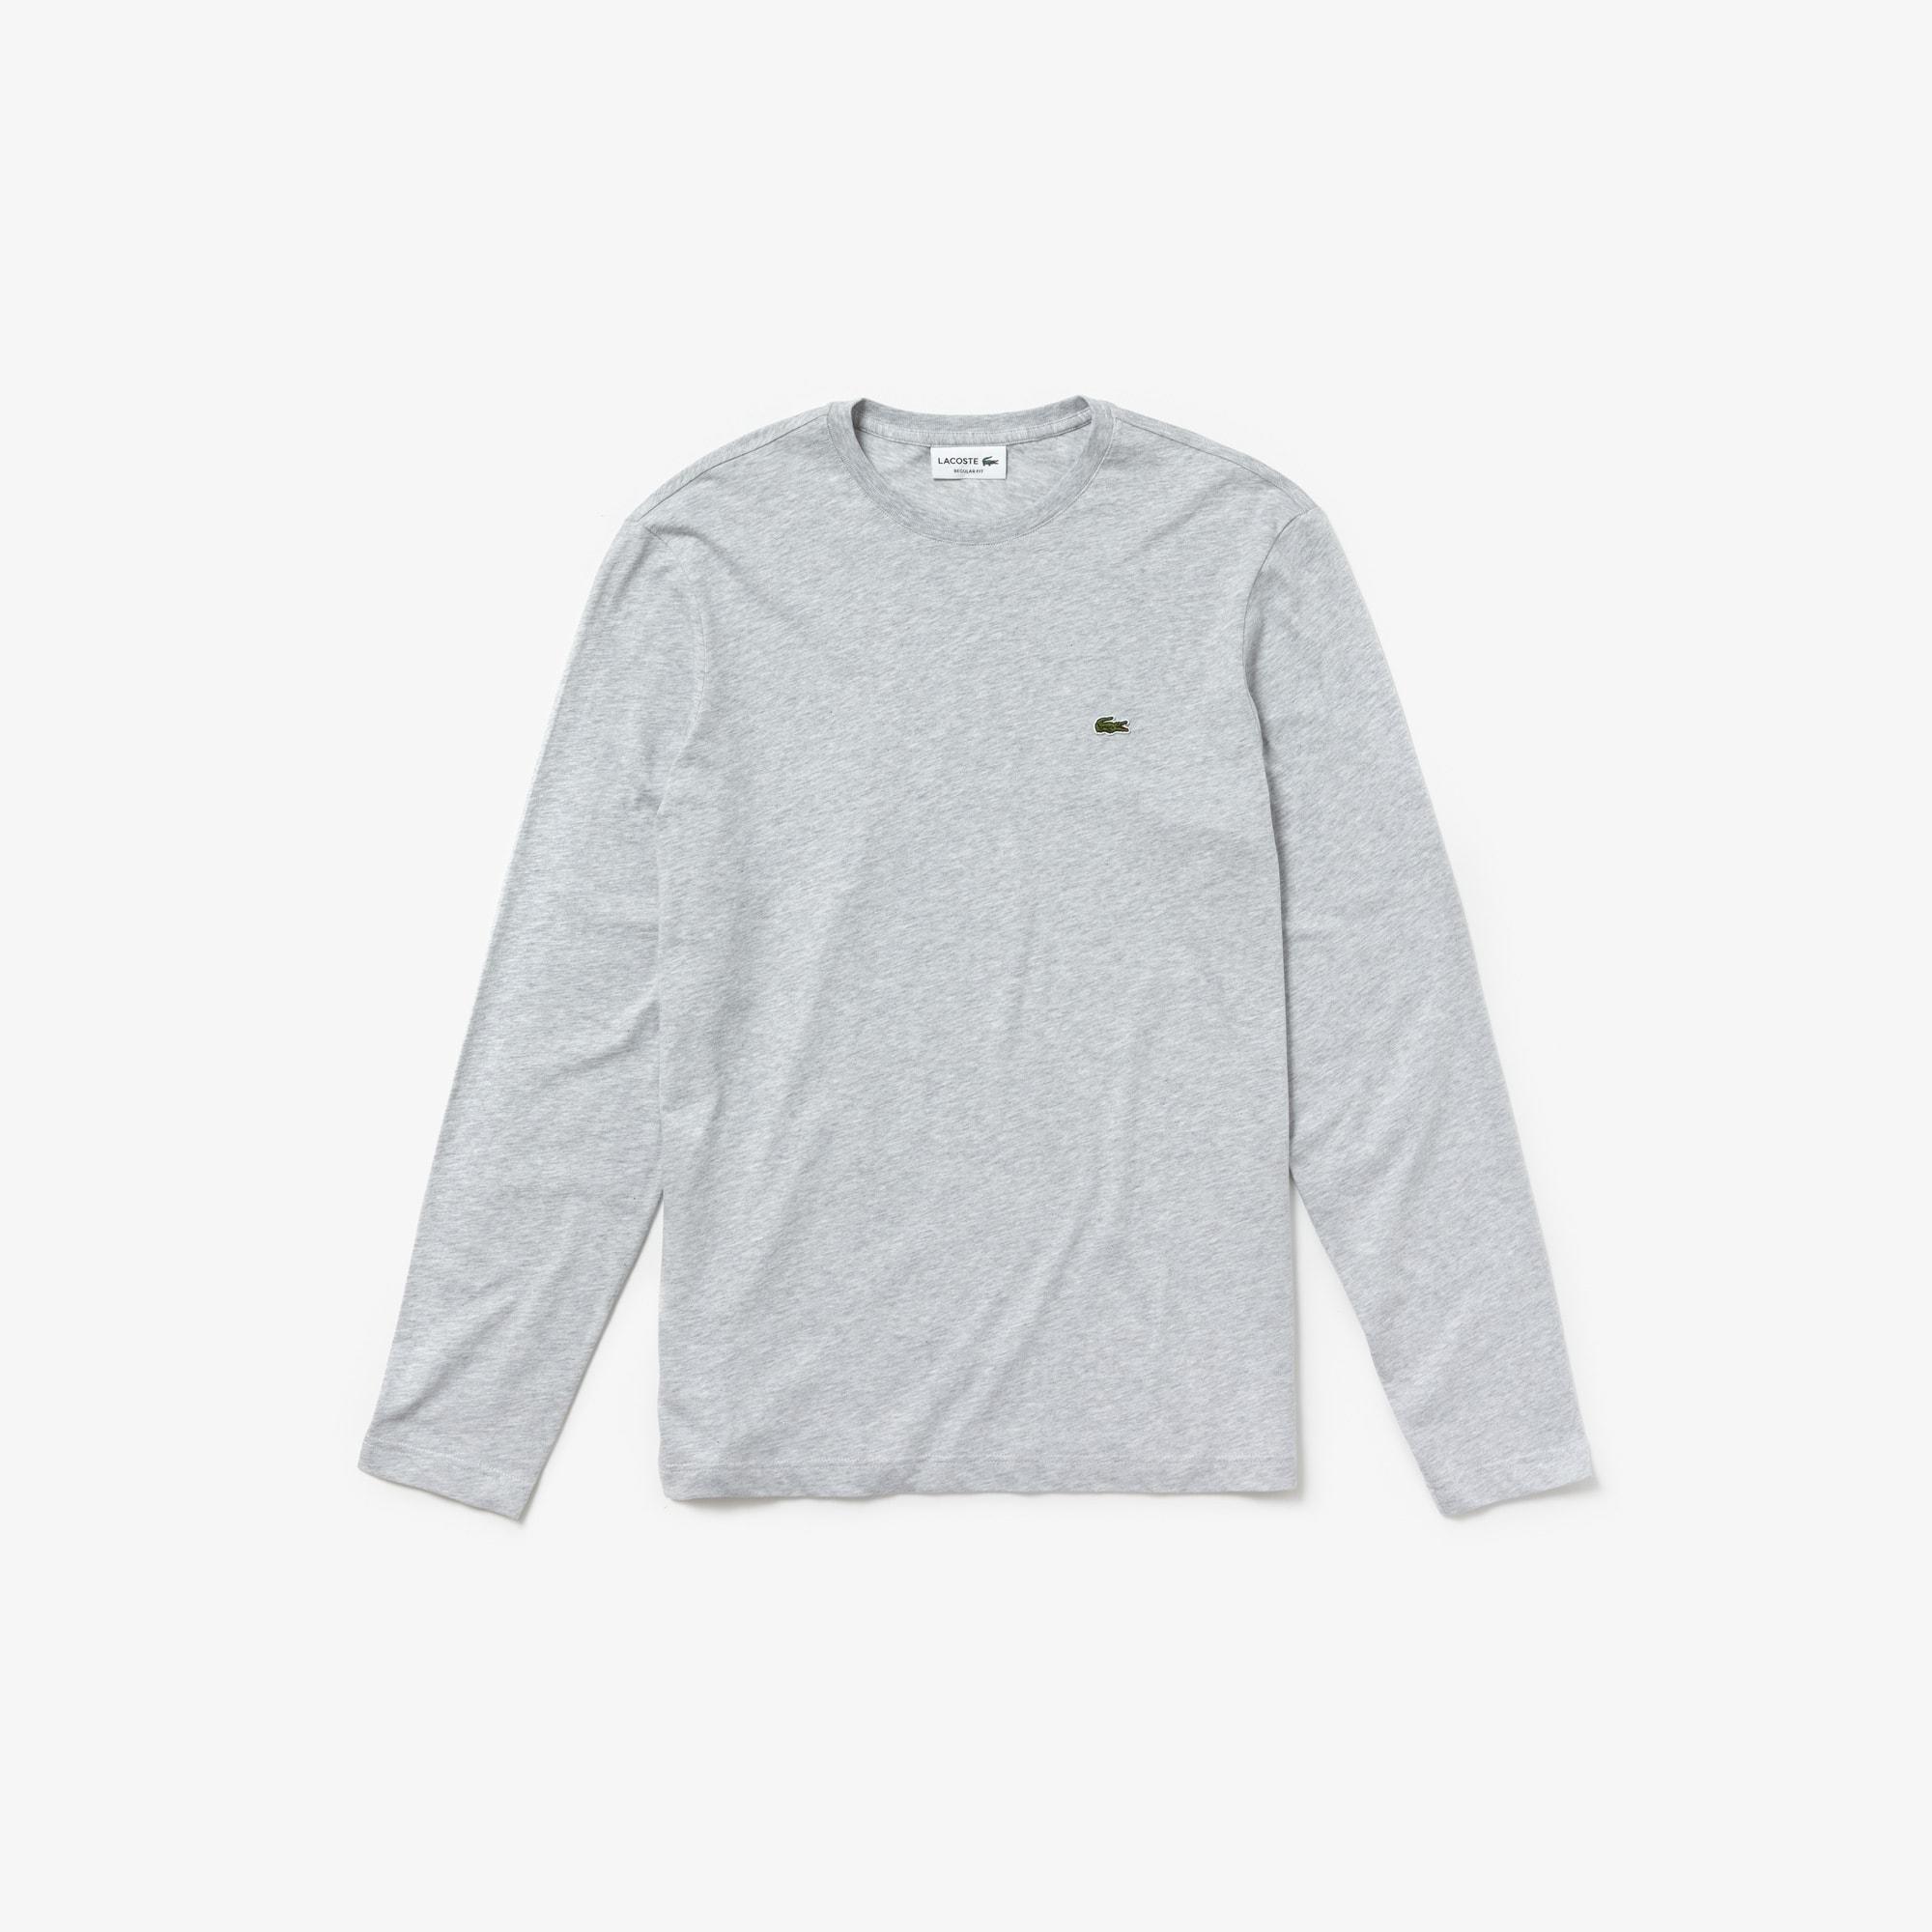 Men's High Neck Cotton Jersey T-shirt